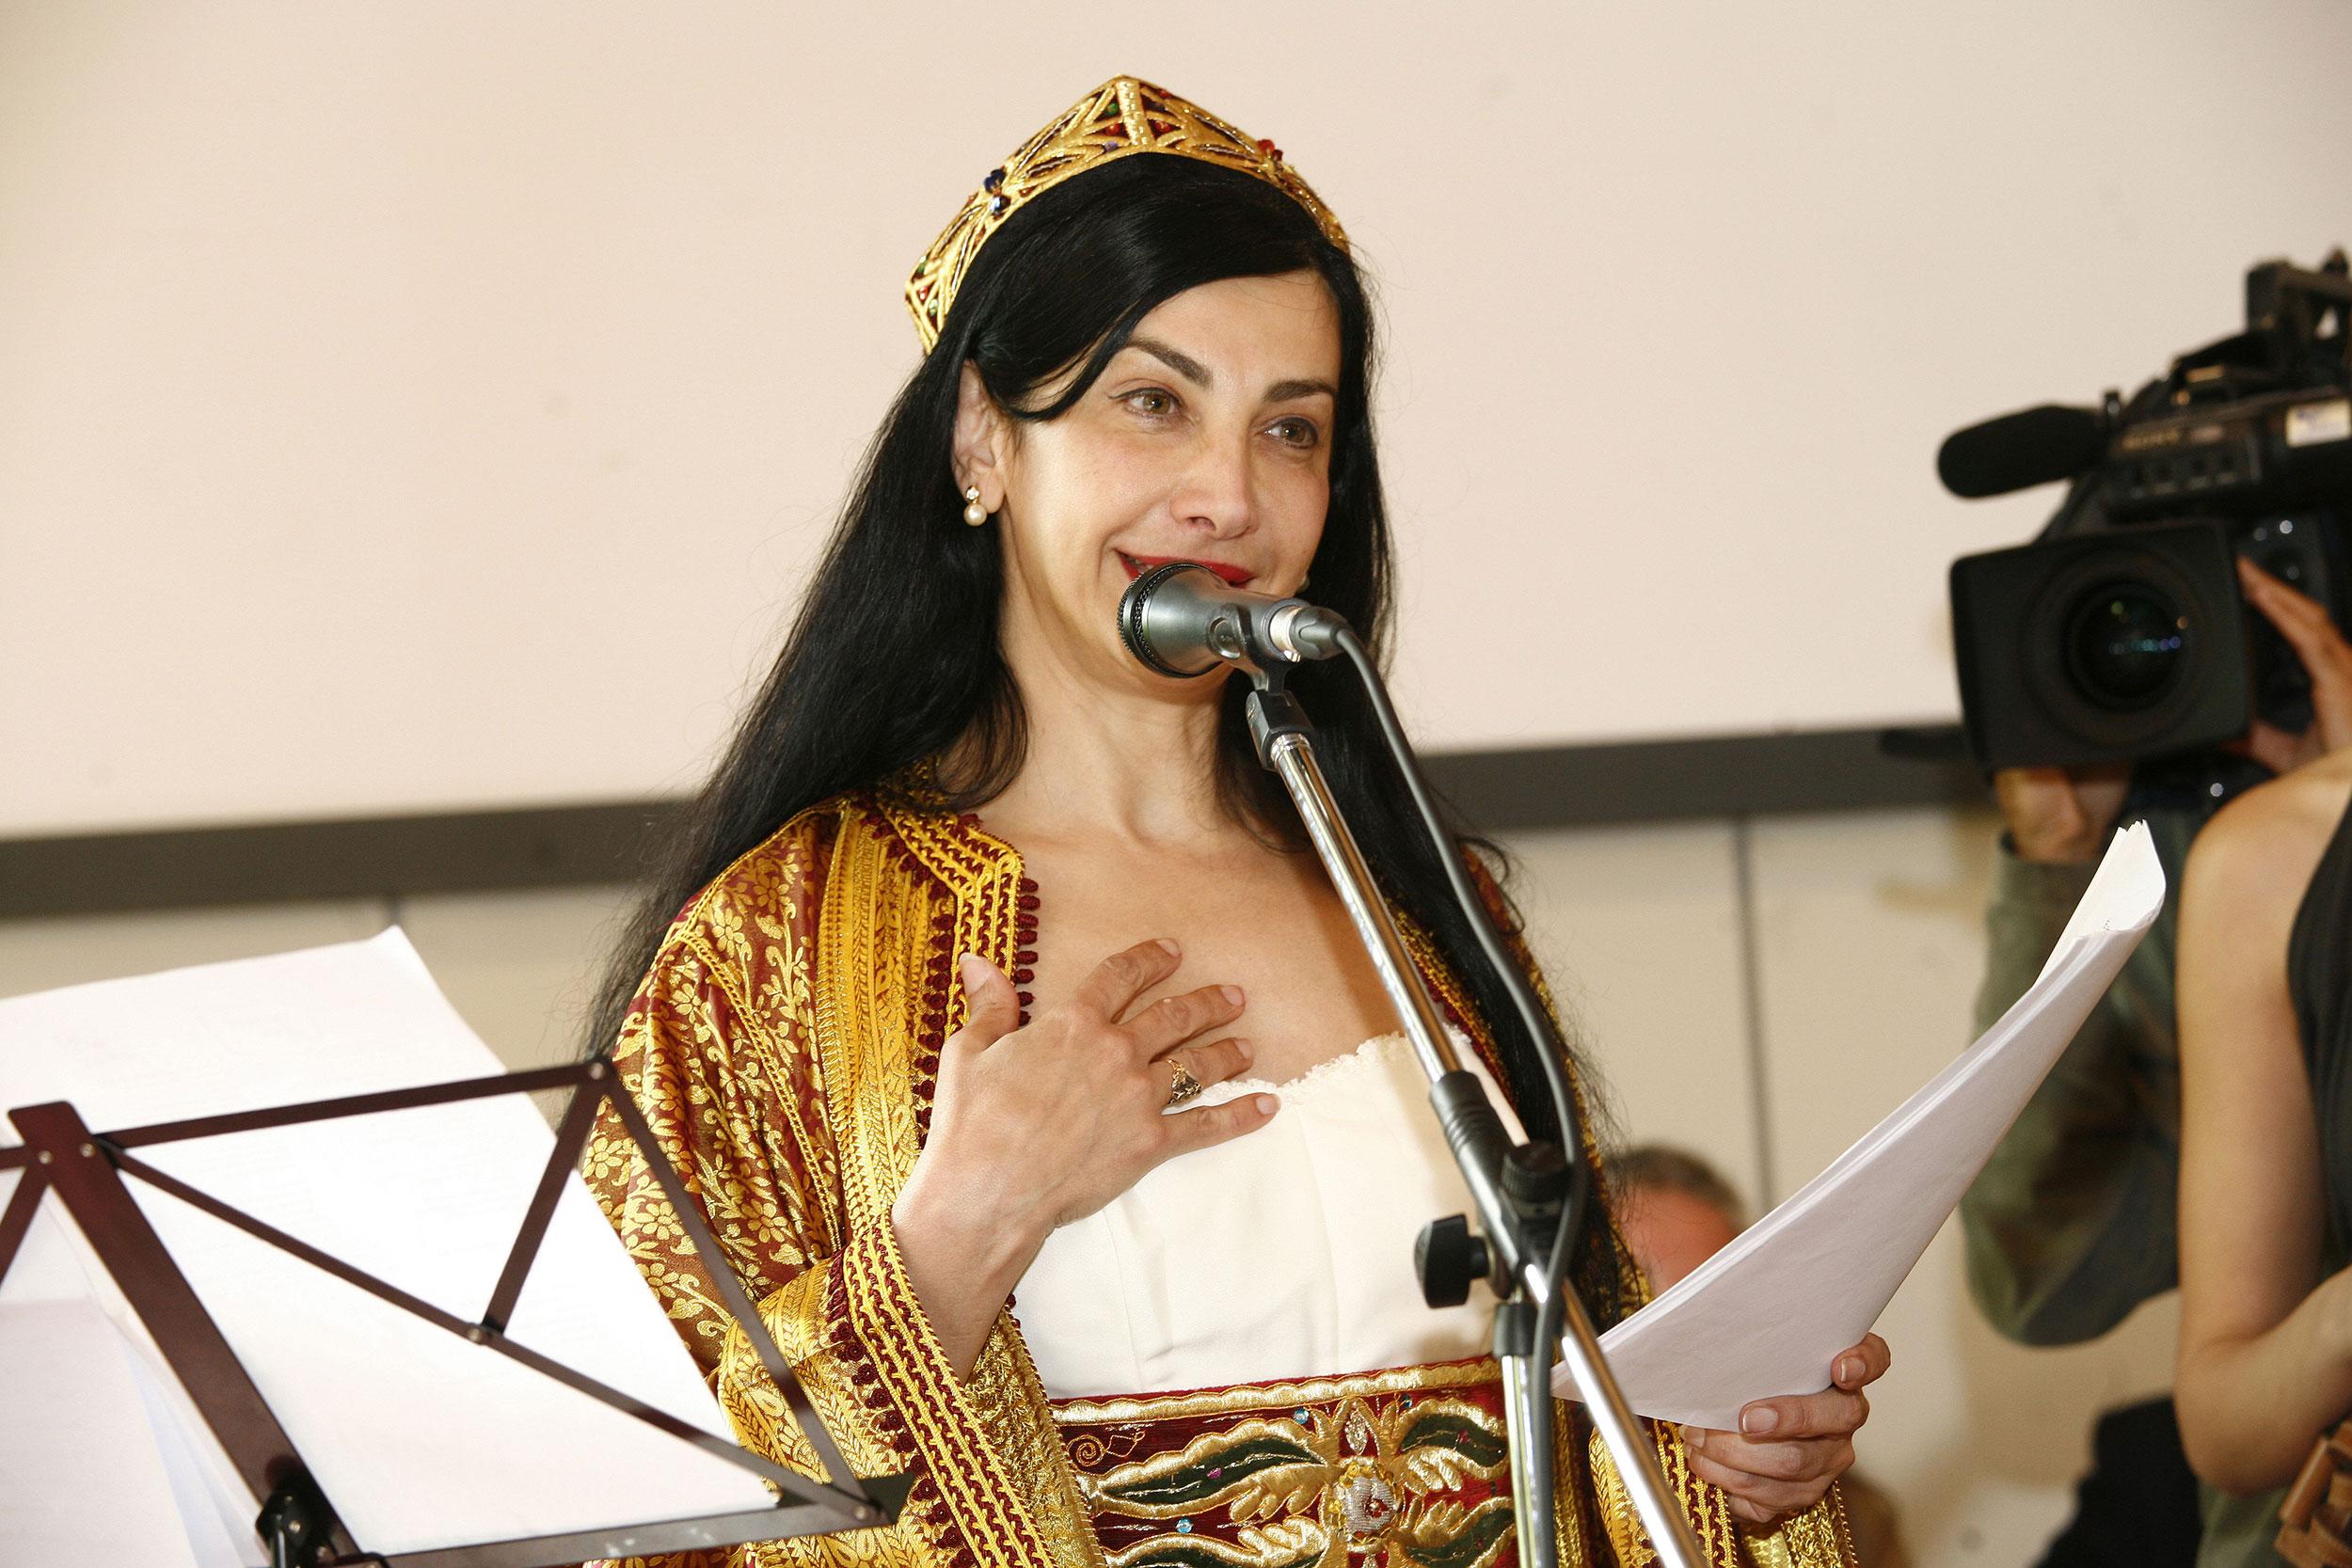 Maram Al Massri, Siria, Rose Cardinali